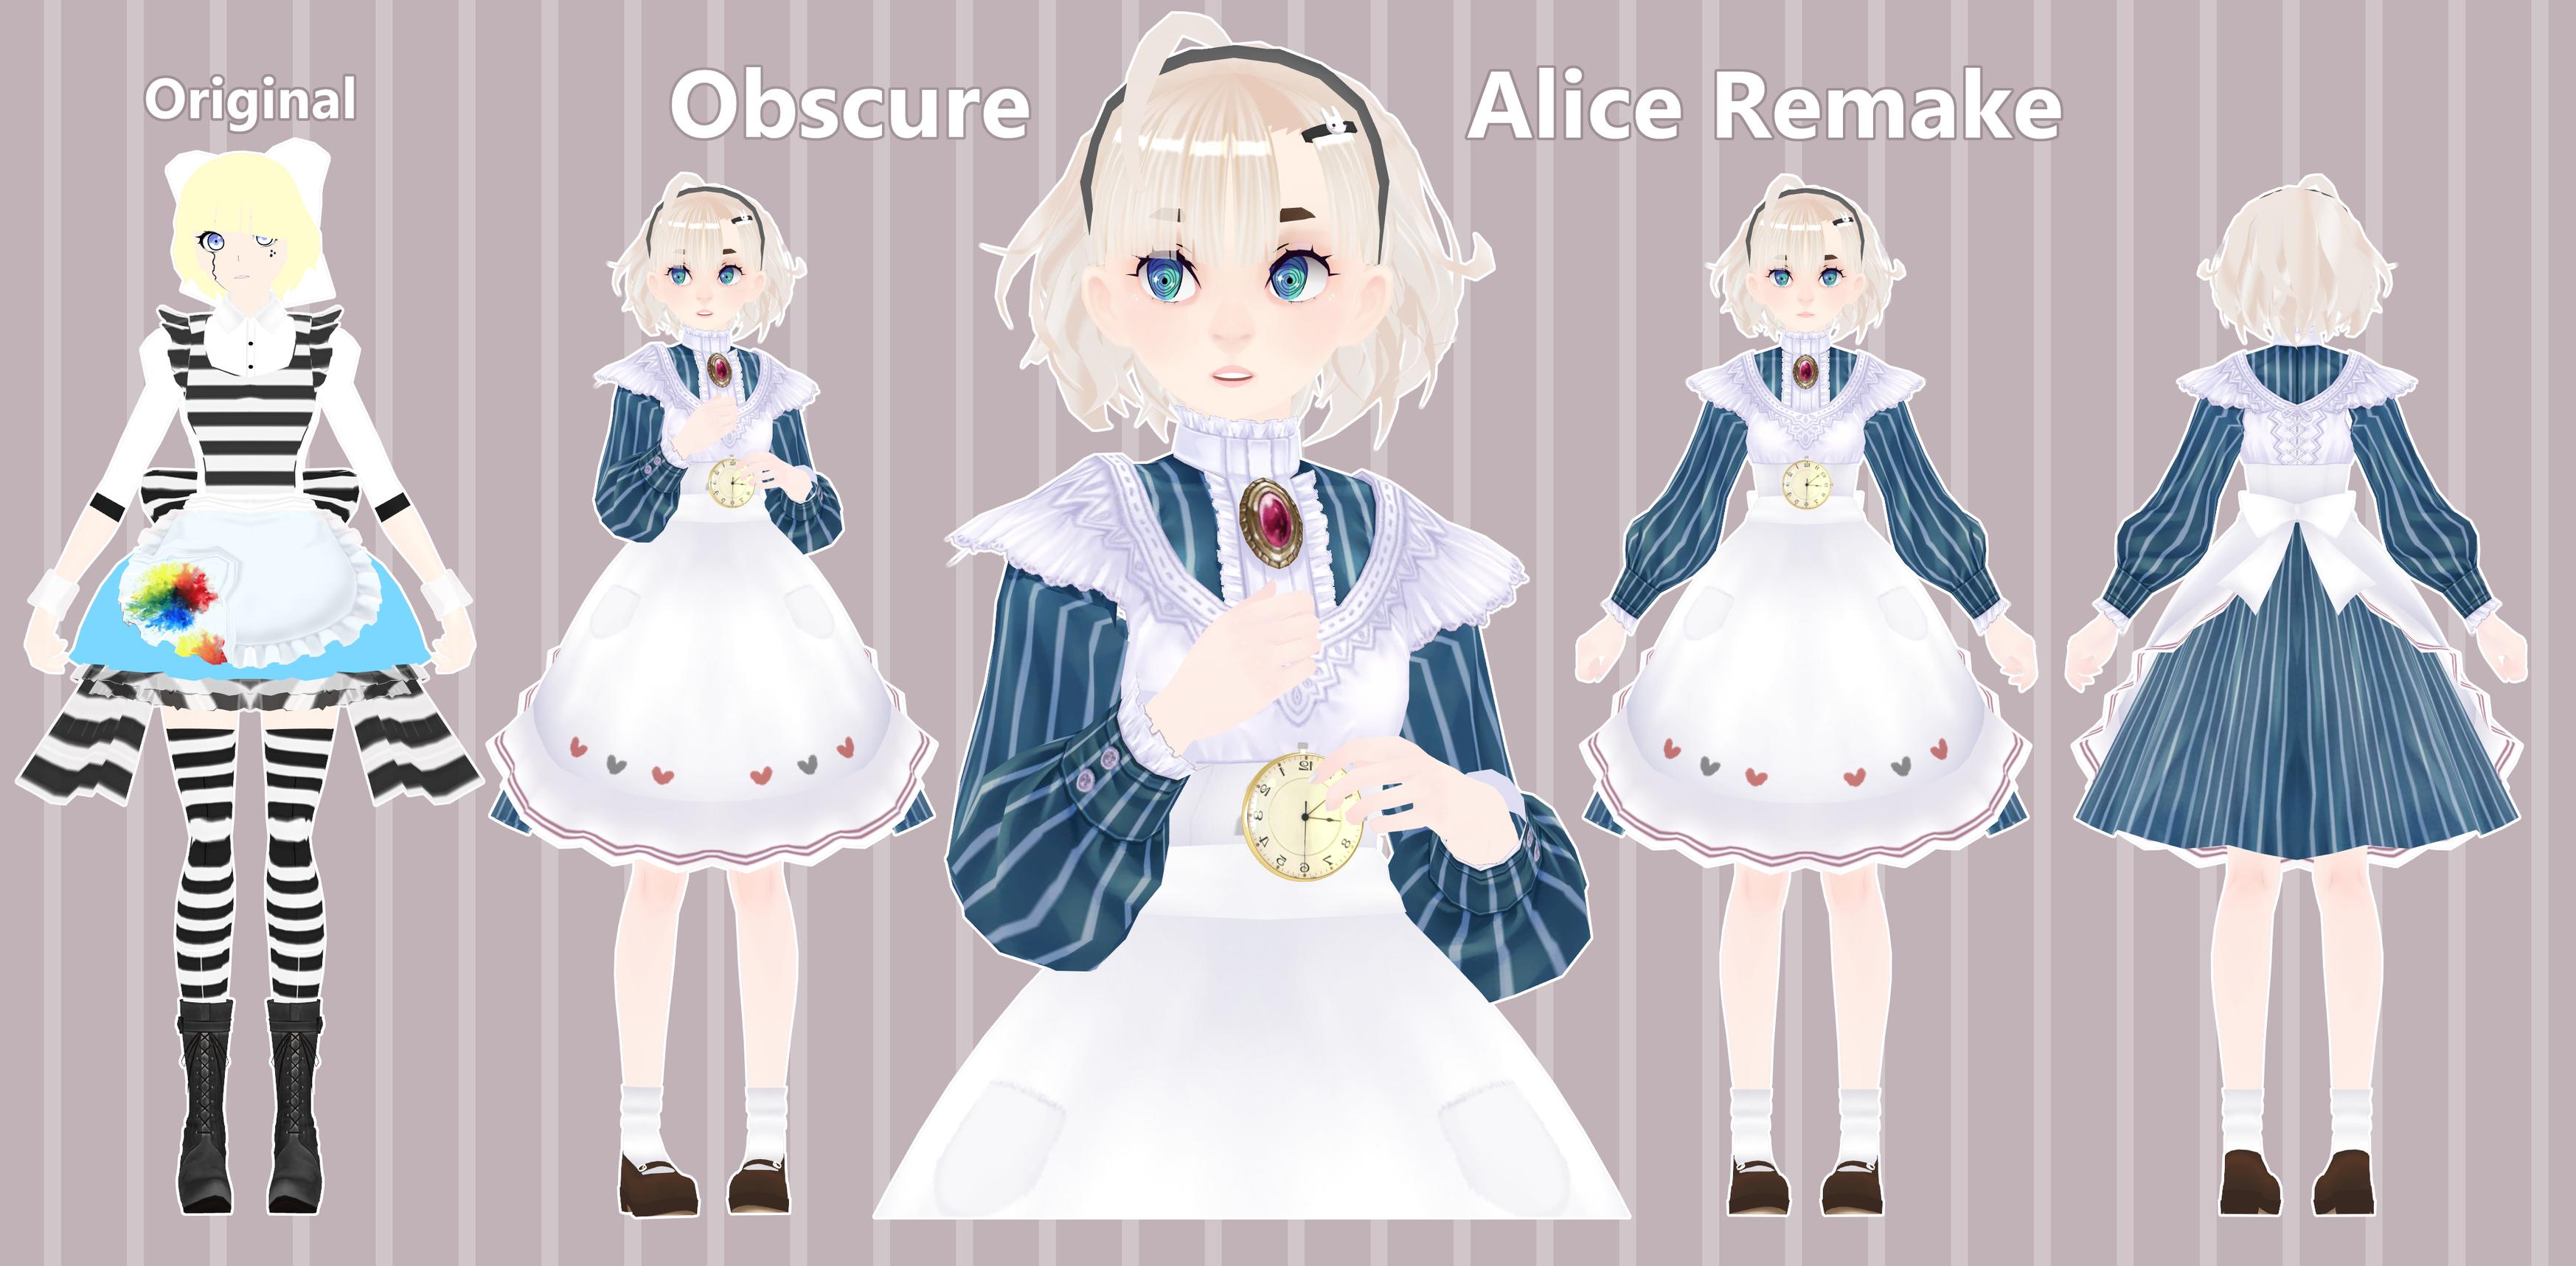 [Model] Obscure Alice Remake by StylinSorrowMMD